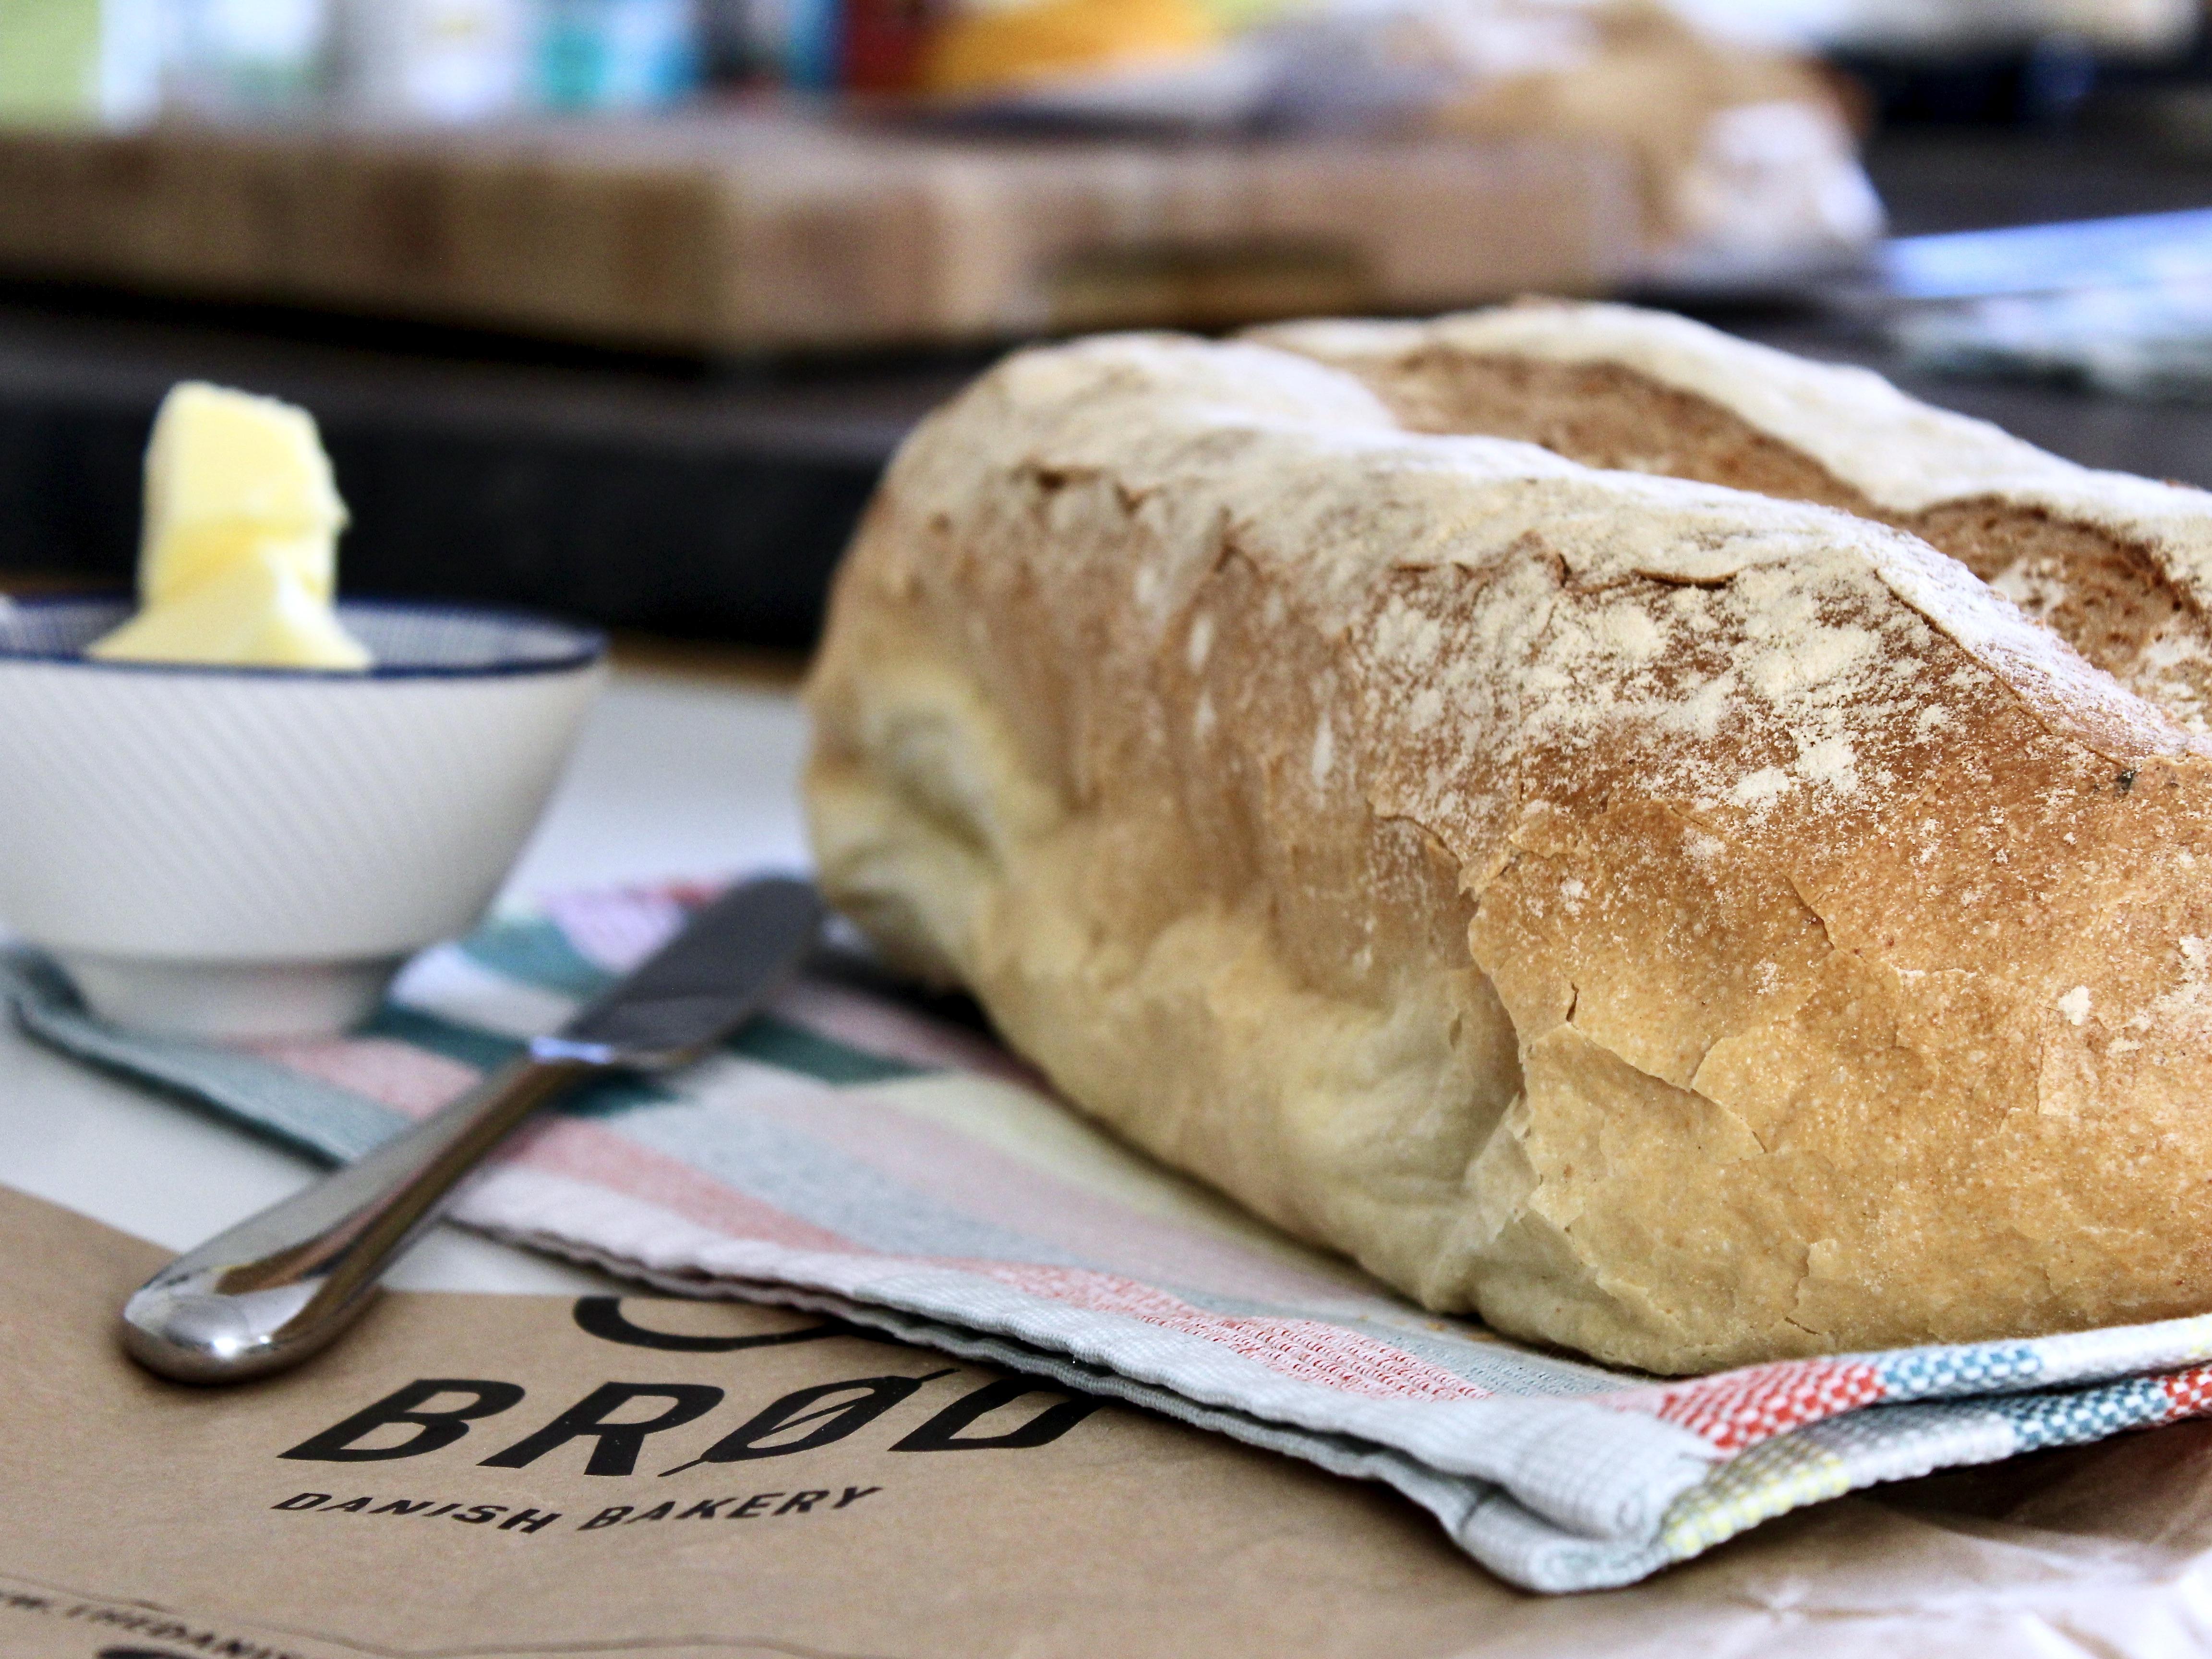 Loaf of BROD